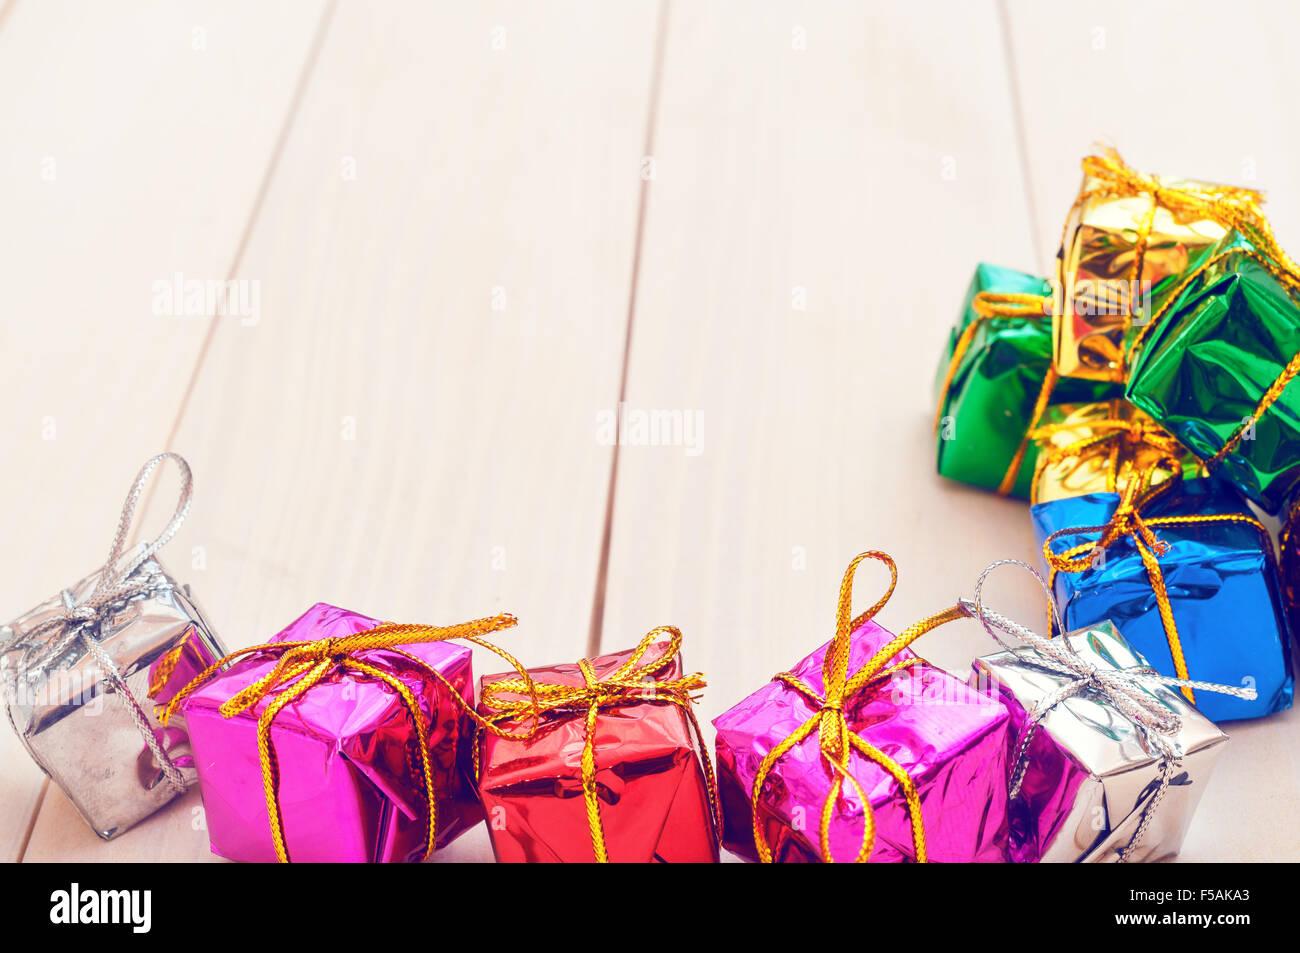 Cajas con regalos en una luz tablones de madera Imagen De Stock